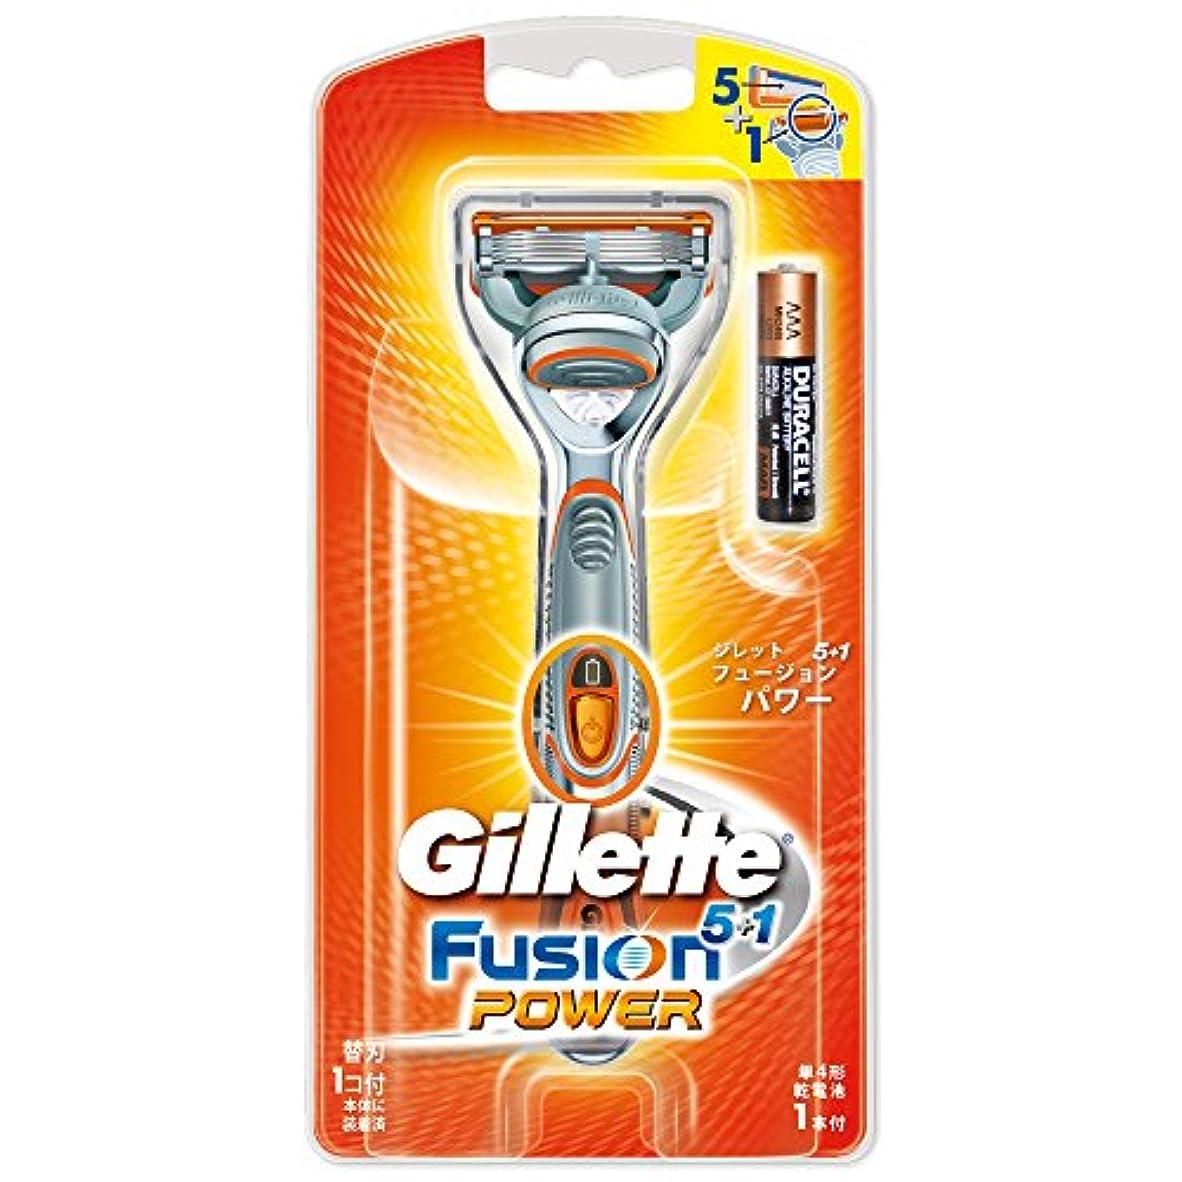 レパートリーかろうじて精緻化ジレット 髭剃り フュージョン5+1 パワー 本体